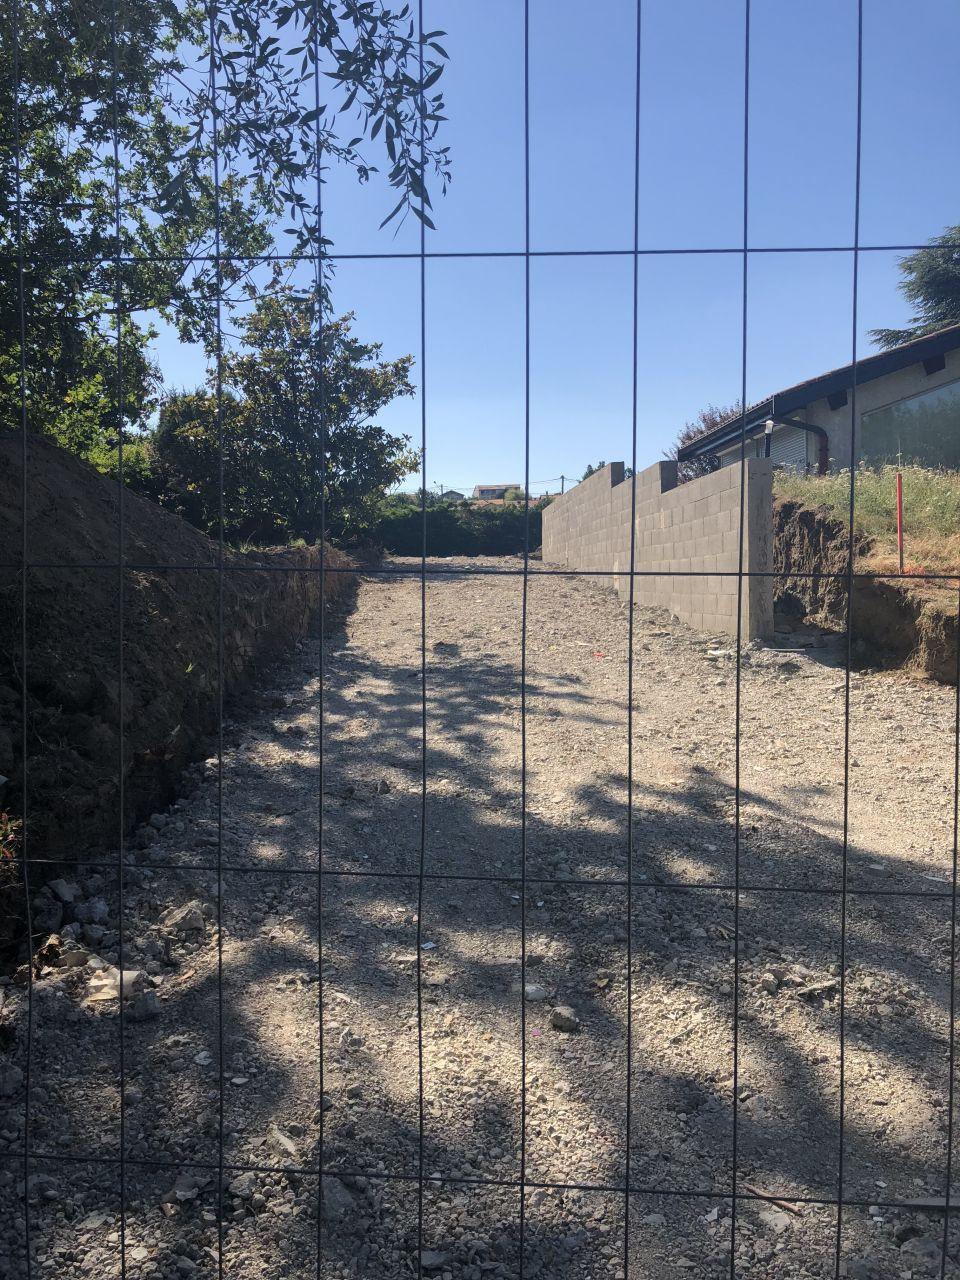 Mur de soutien mitoyen